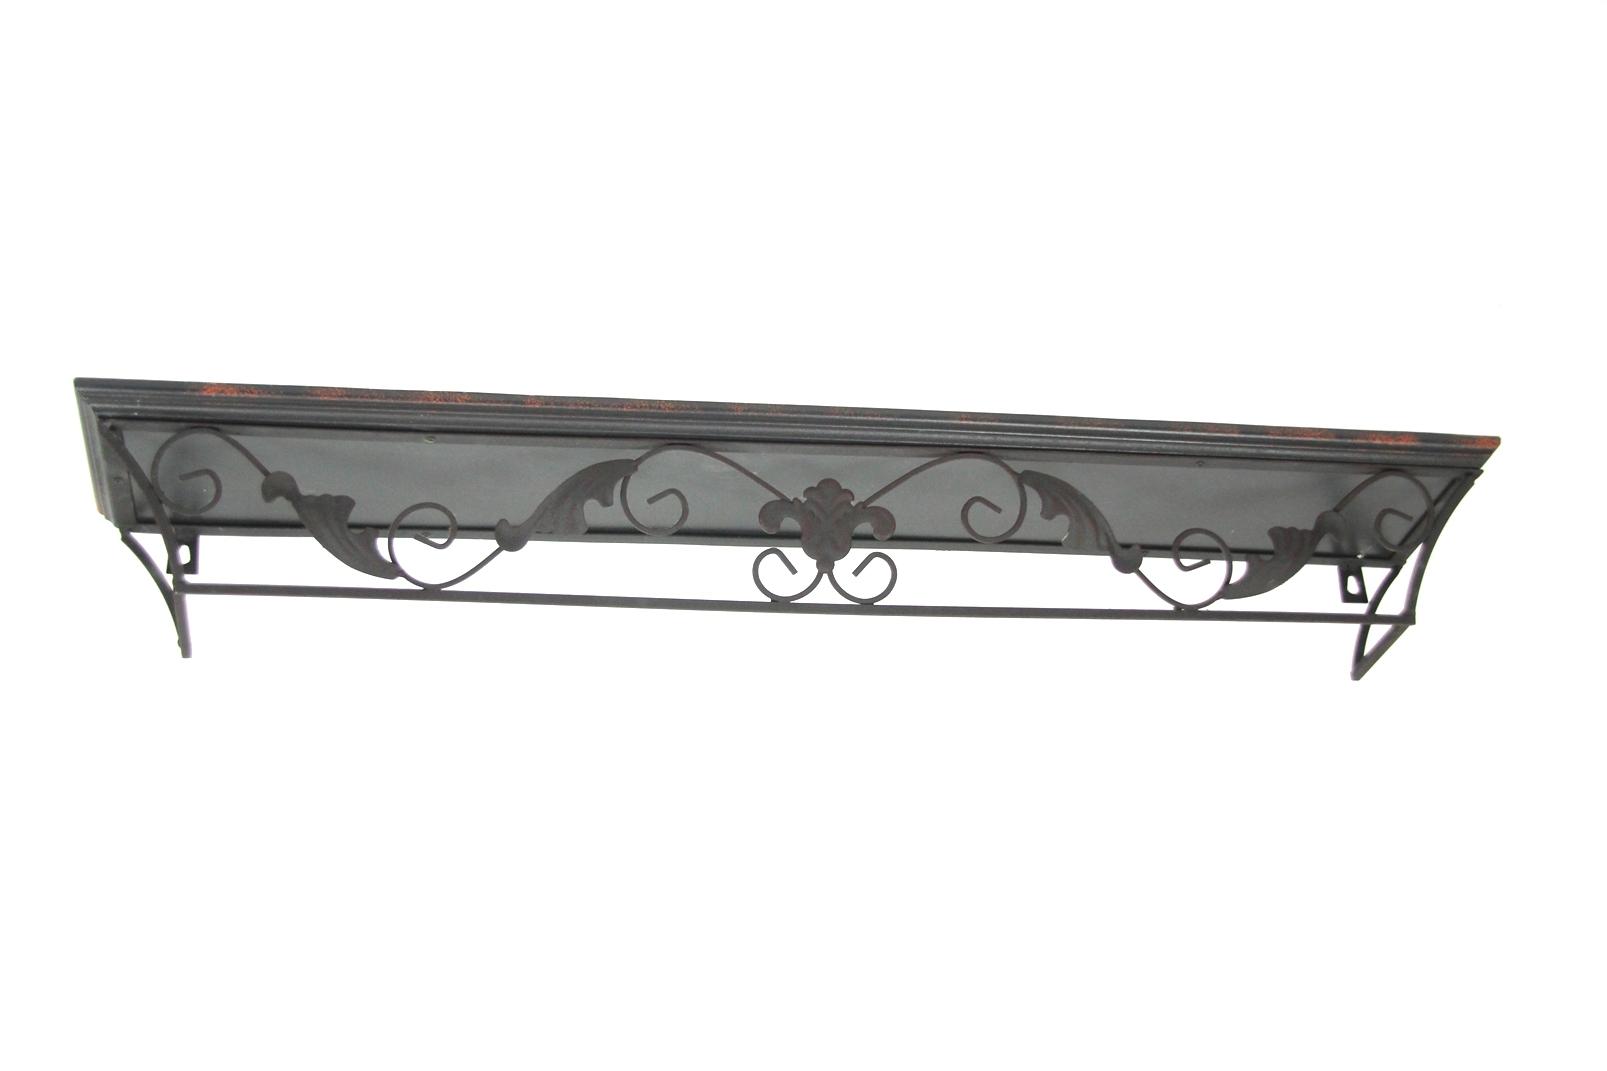 wand regal holz gusseisen bord verzierung wandregal 80x13. Black Bedroom Furniture Sets. Home Design Ideas